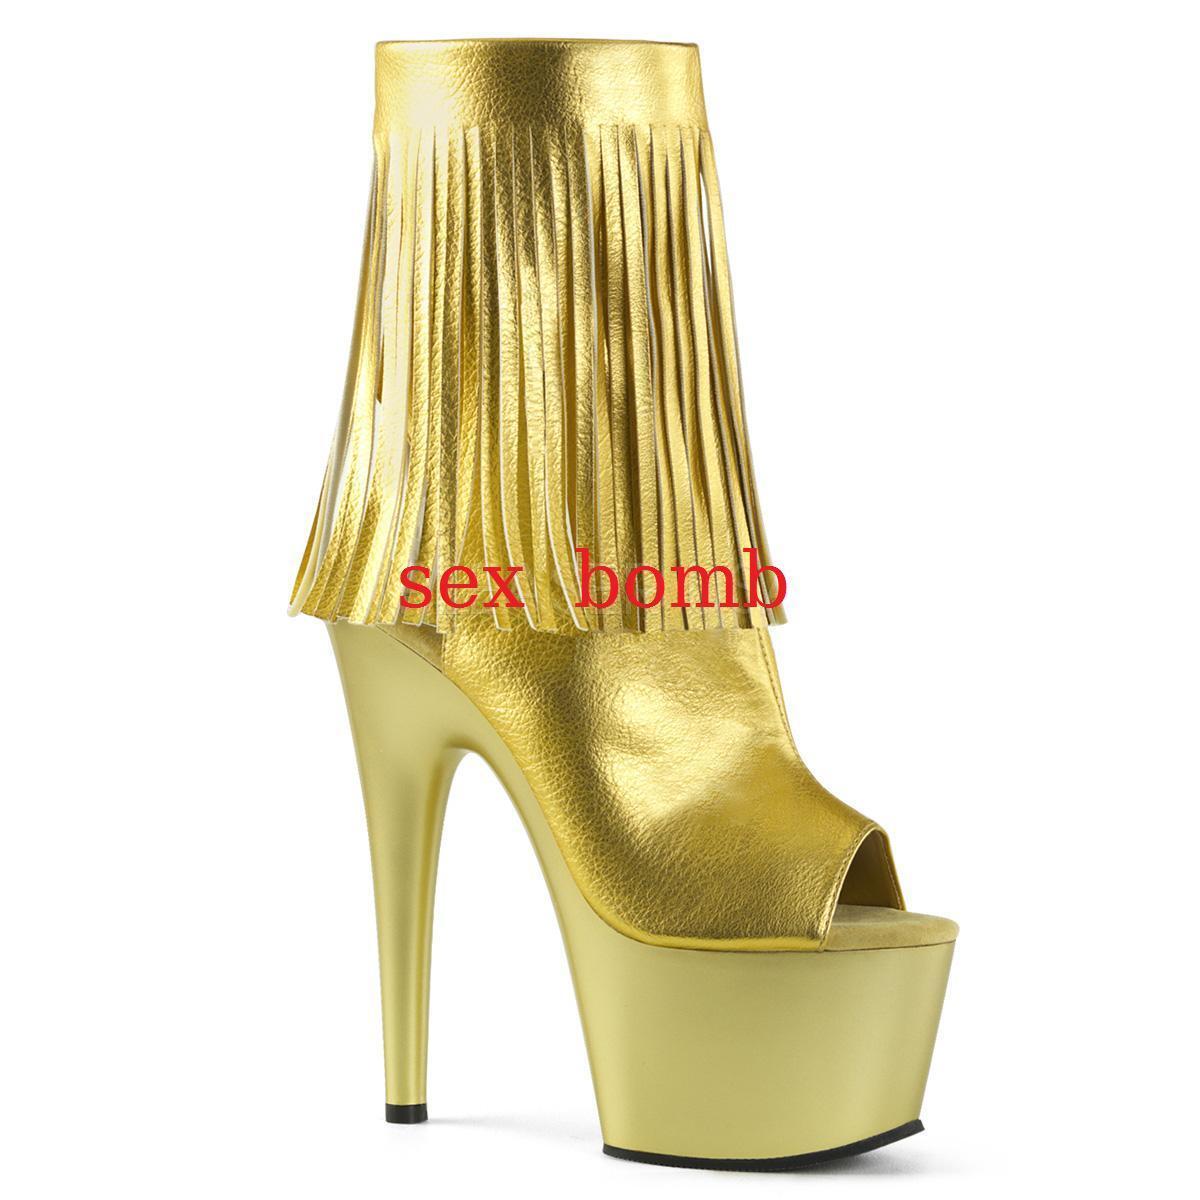 disegni esclusivi Sexy STIVALETTI FRANGE tacco 18 18 18 plateau oro dal 35 al 41 spuntati CLUB glamour  Offriamo vari marchi famosi